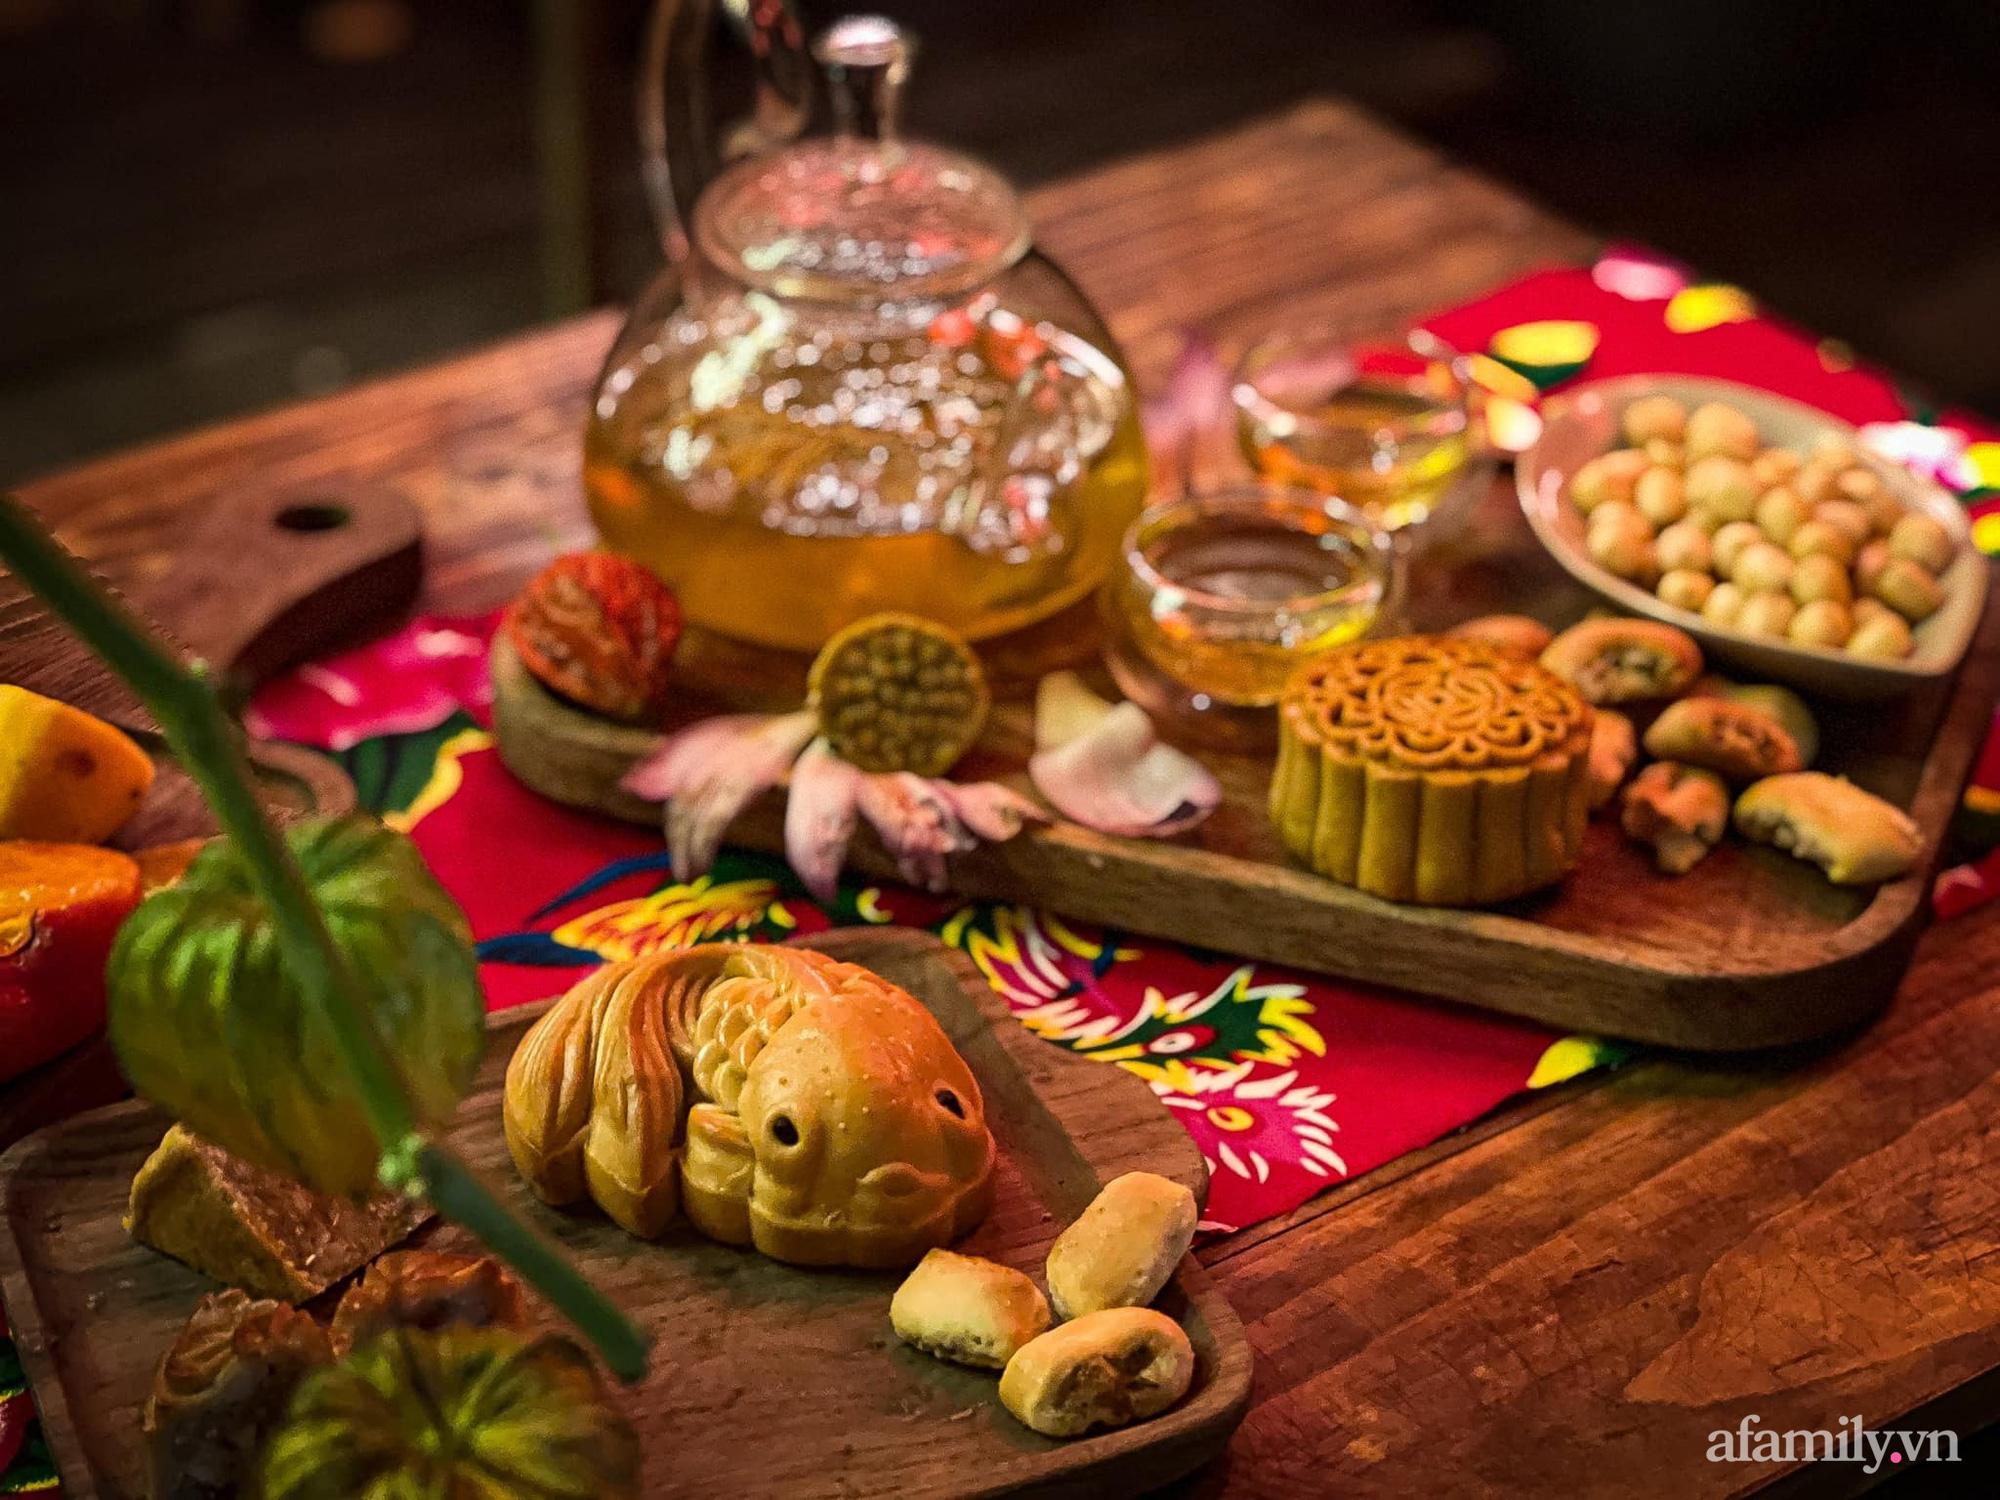 Phòng ngủ lung linh rực rỡ sắc màu Trung thu nhờ bàn tay khéo decor của cô gái Hà Nội-6